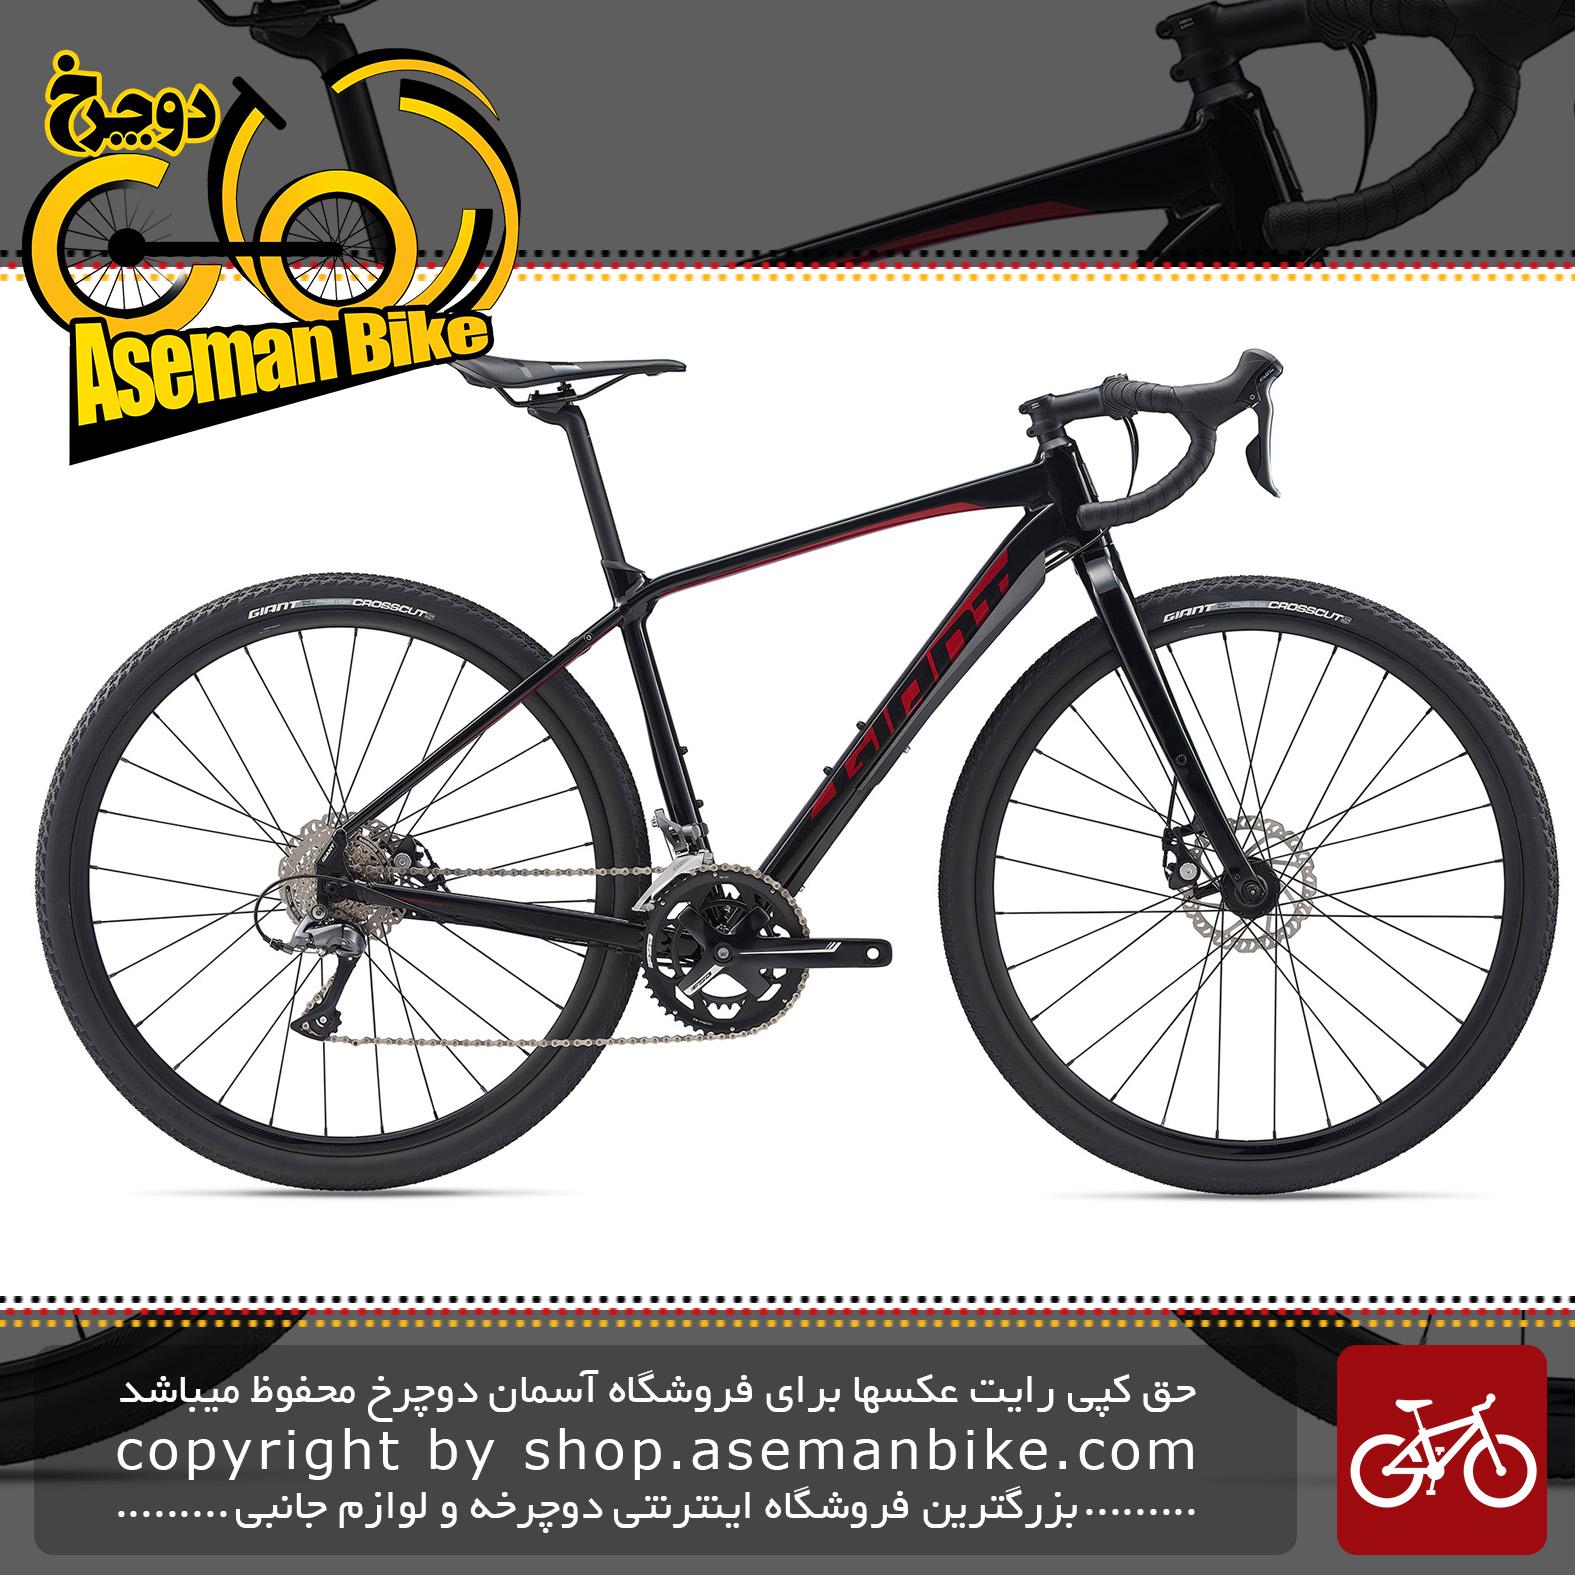 دوچرخه شهری توریستی جاینت مدل تافروود اس ال آر جی ایکس 2 2020 Giant Adventure Bicycle ToughRoad SLR GX 2 2020